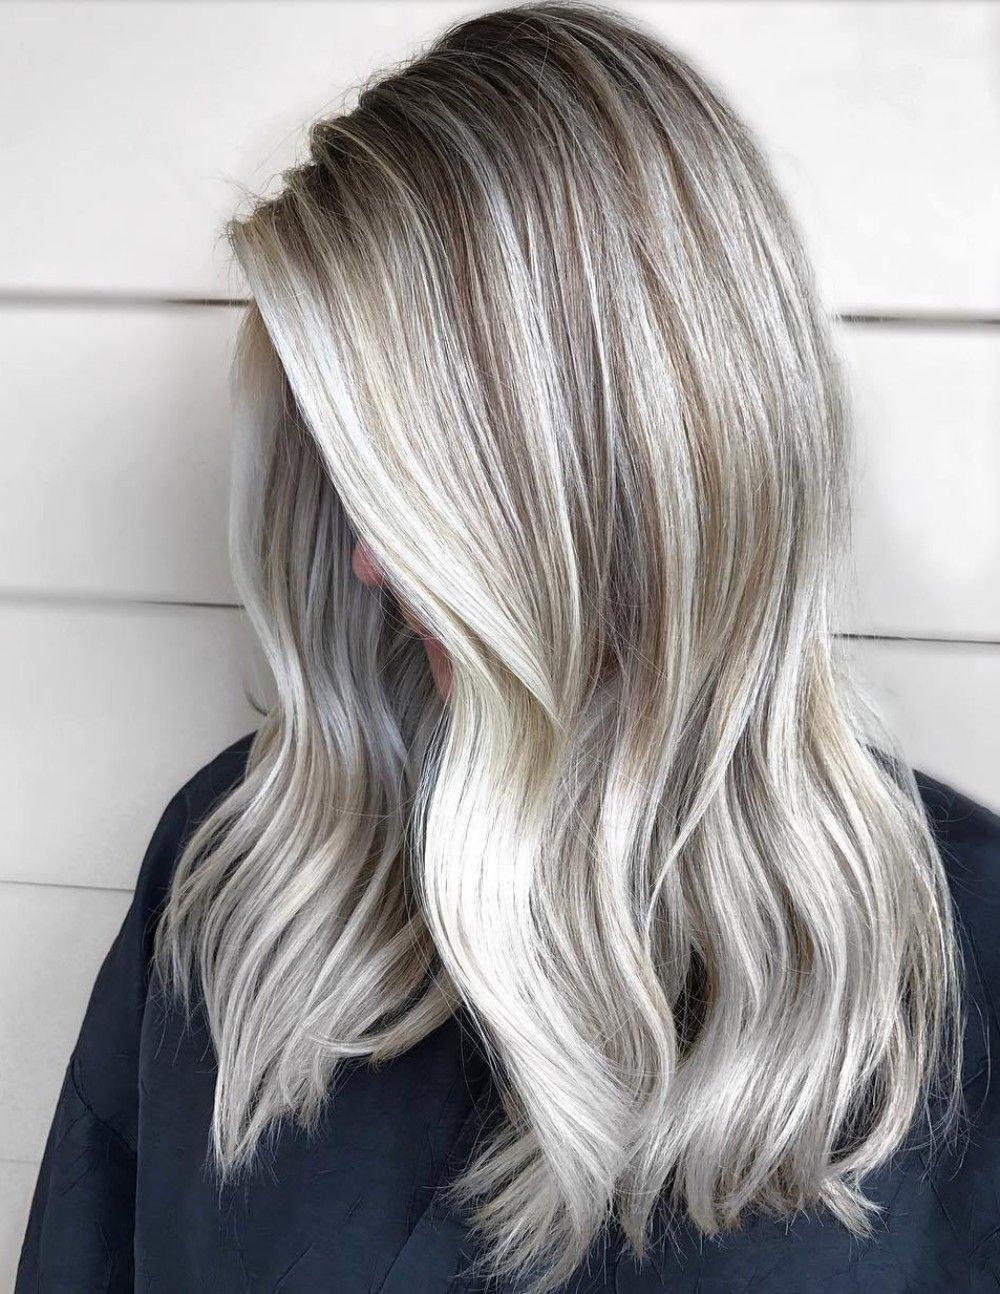 Aschblond - Blonde Haare mit grauen Strähnen